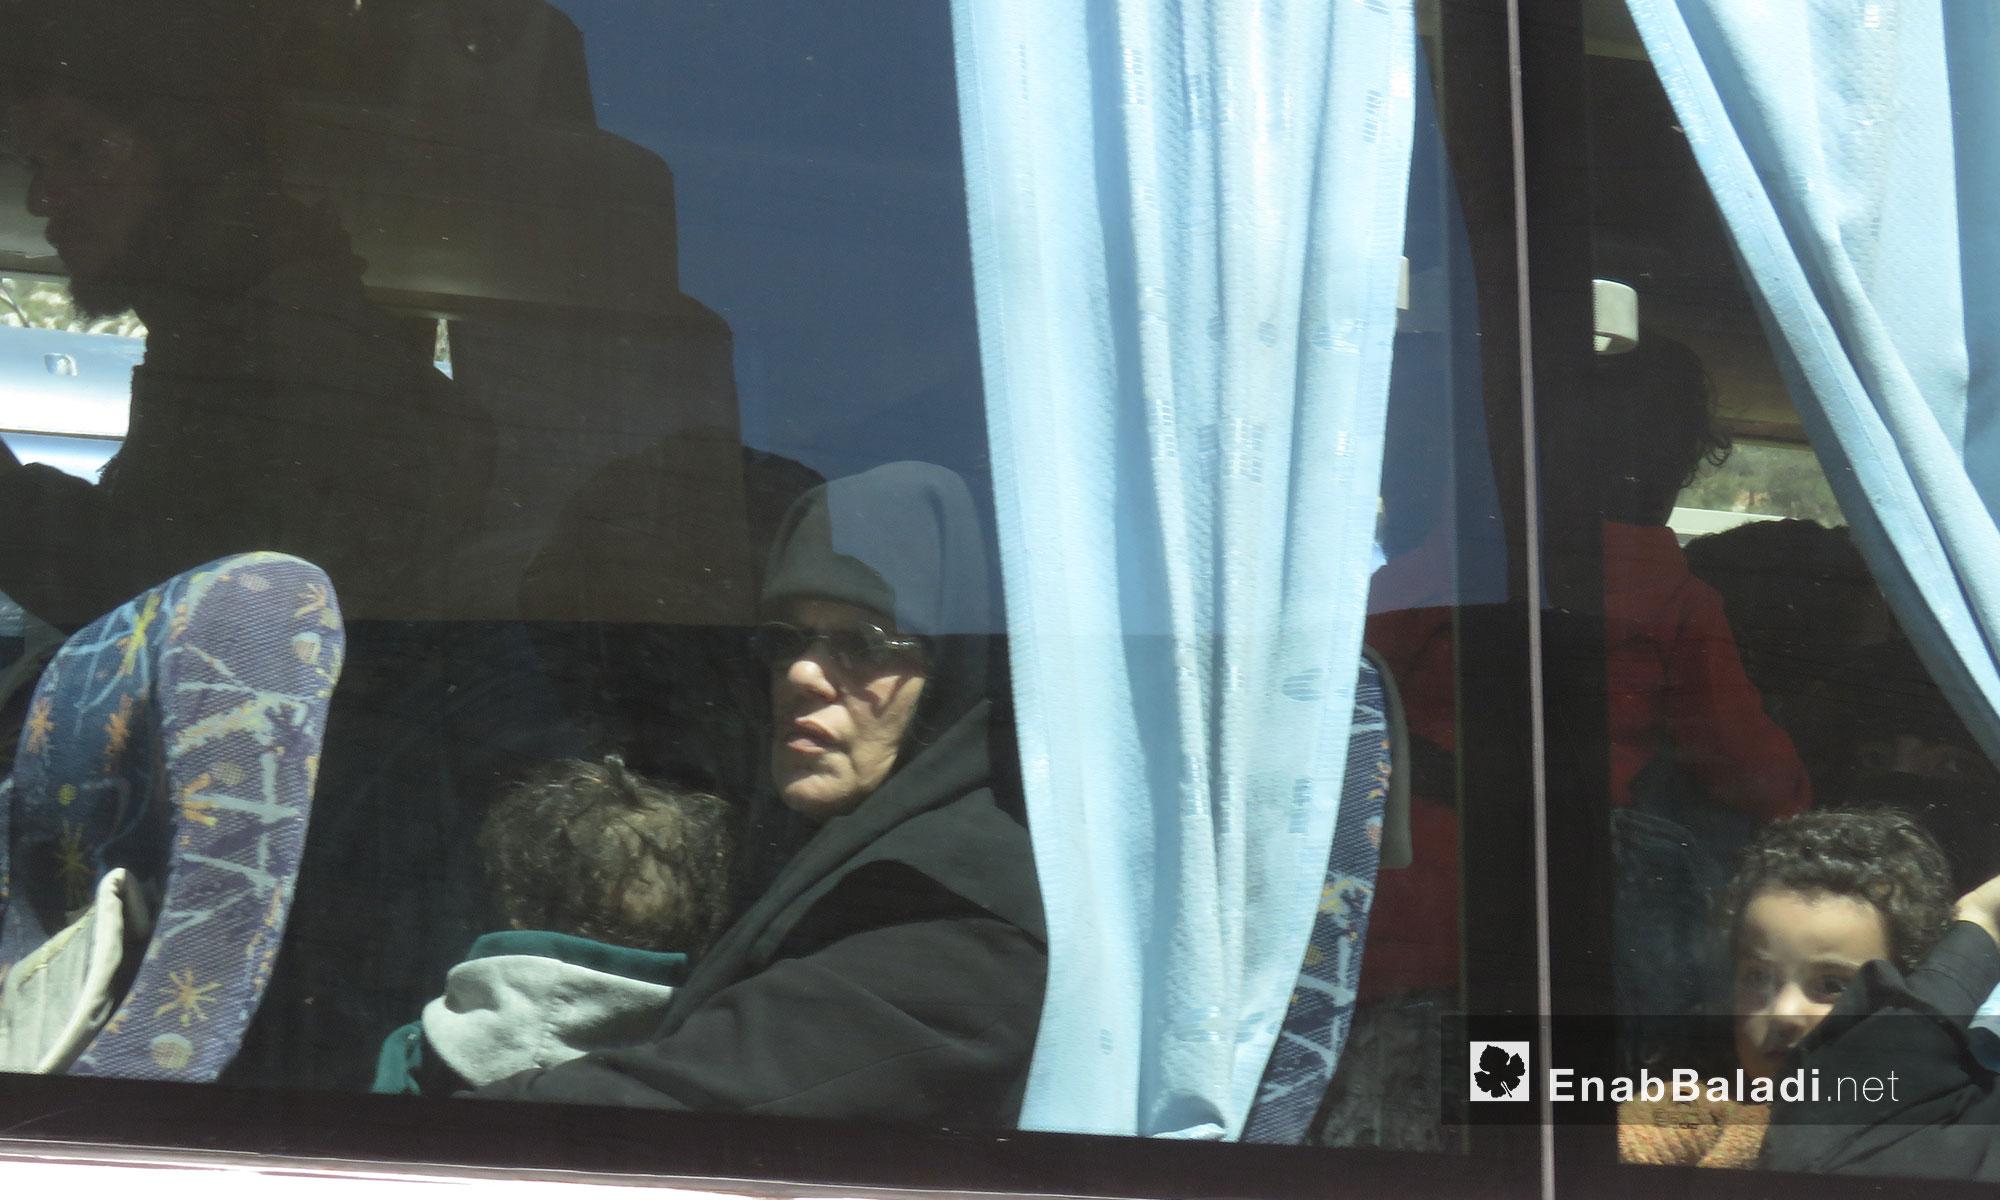 إمراة من مهجرو عربين لحظة وصولهم إلى قلعة المضيق بريف حماة - 26 آذار 2018 (عنب بلدي)